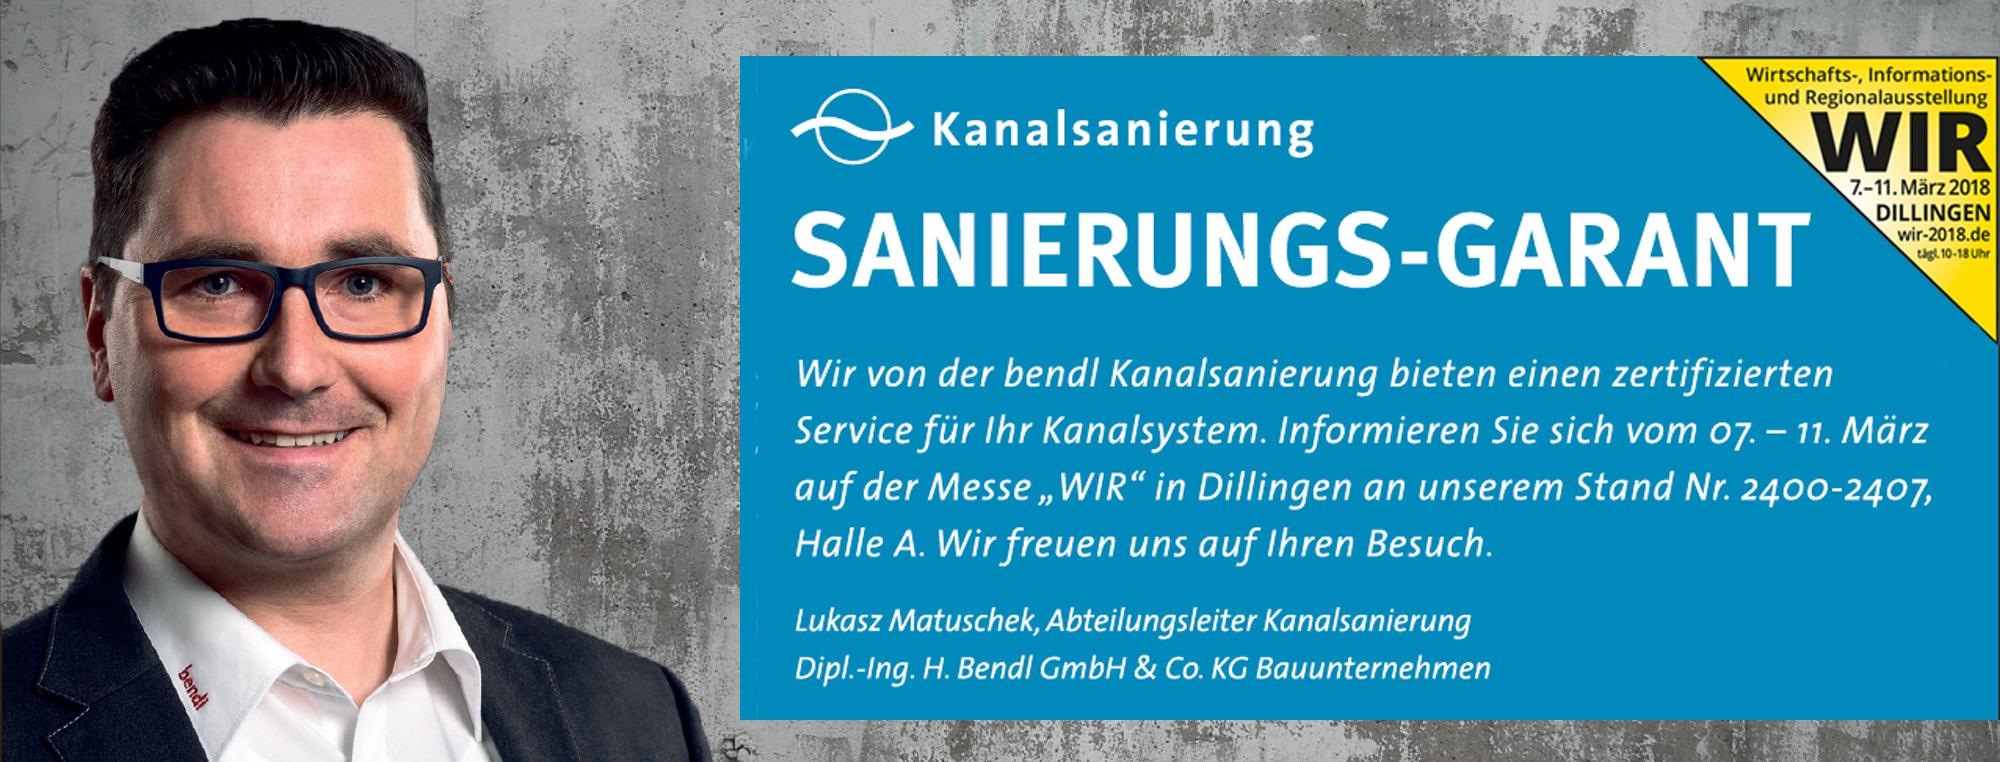 bendl Kanalsanierung auf der Verbrauchermesse WIR 2018 in Dillingen